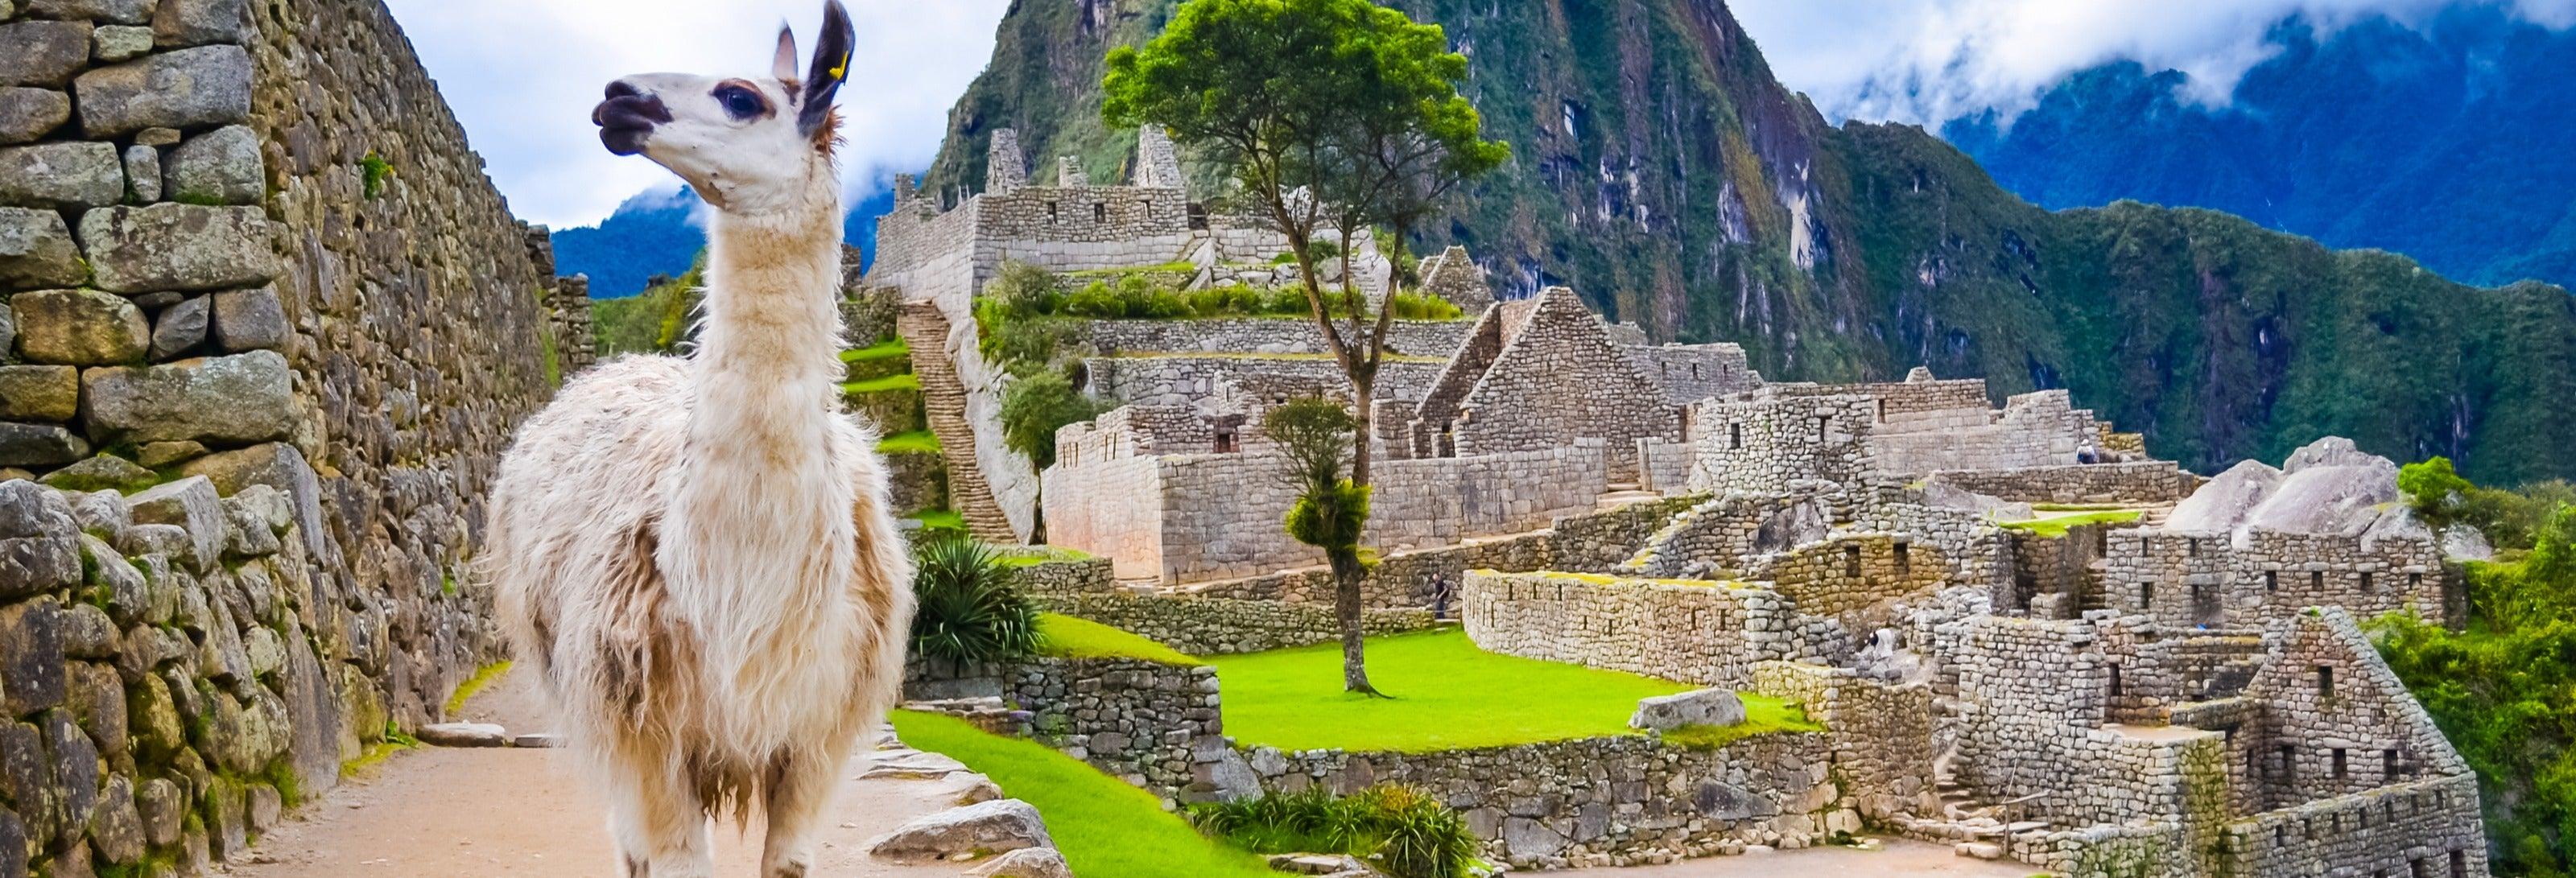 Circuito di 7 giorni in Perù